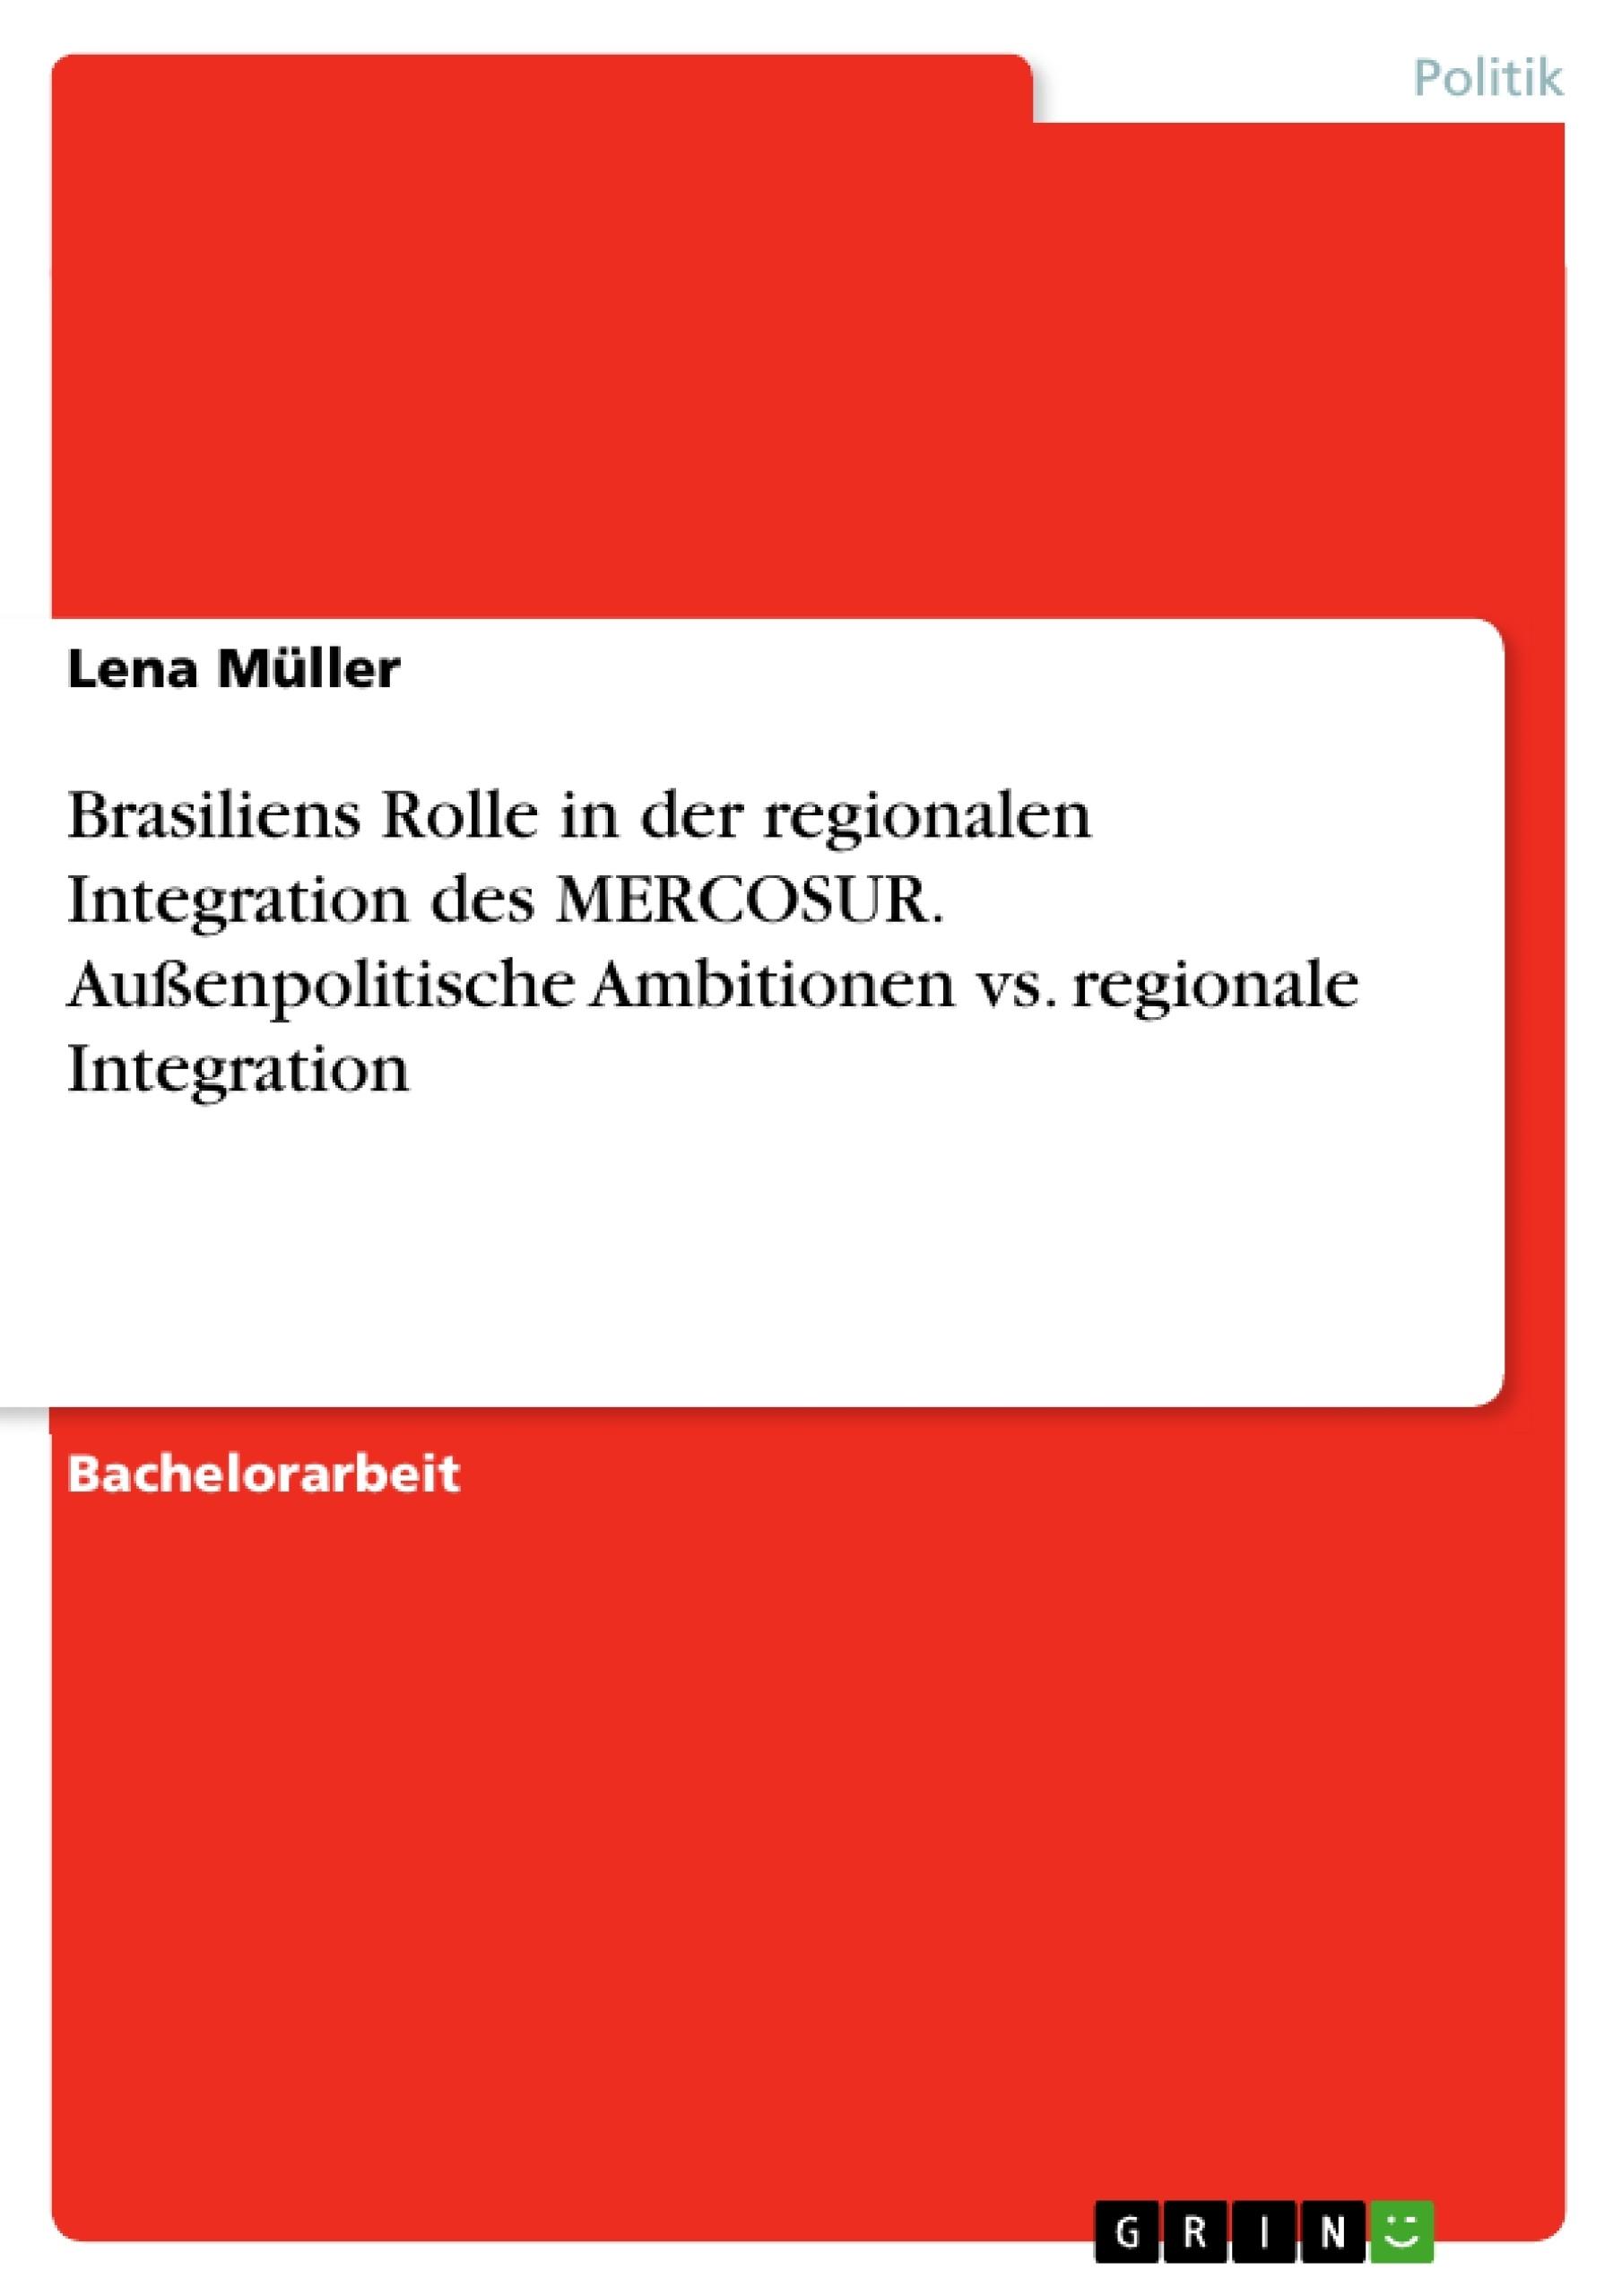 Titel: Brasiliens Rolle in der regionalen Integration des MERCOSUR. Außenpolitische Ambitionen vs. regionale Integration